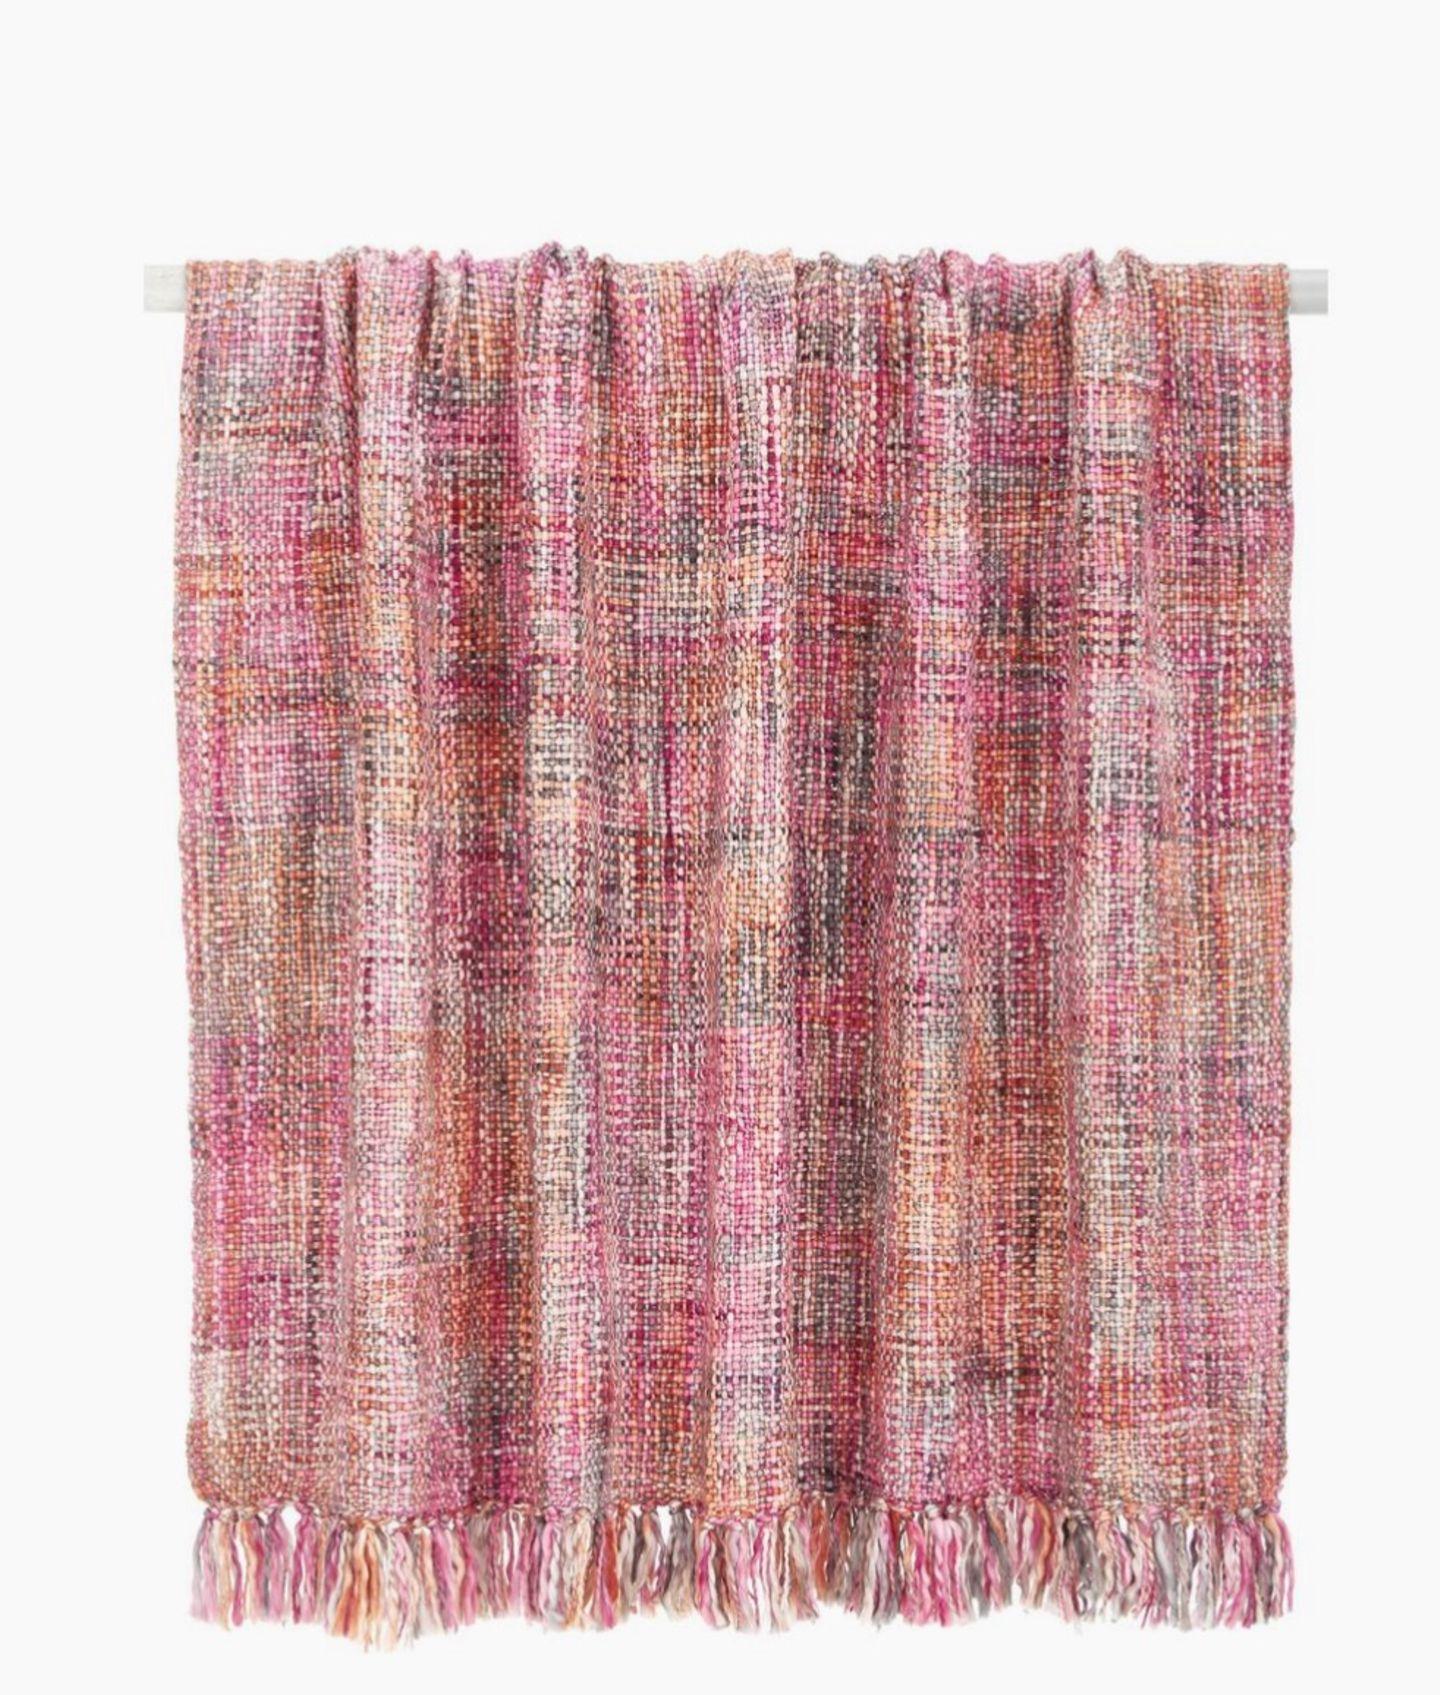 Wir sagen dem grauen Januar dem Kampf an – mit einem kuscheligen Plaid in Candycolours. Die Decke aus einem Viskose/Baumwoll-Mix vertreibt jedenfalls auch den letzten Anflug von Winterblues. Von Westwing Now, um 43 Euro.